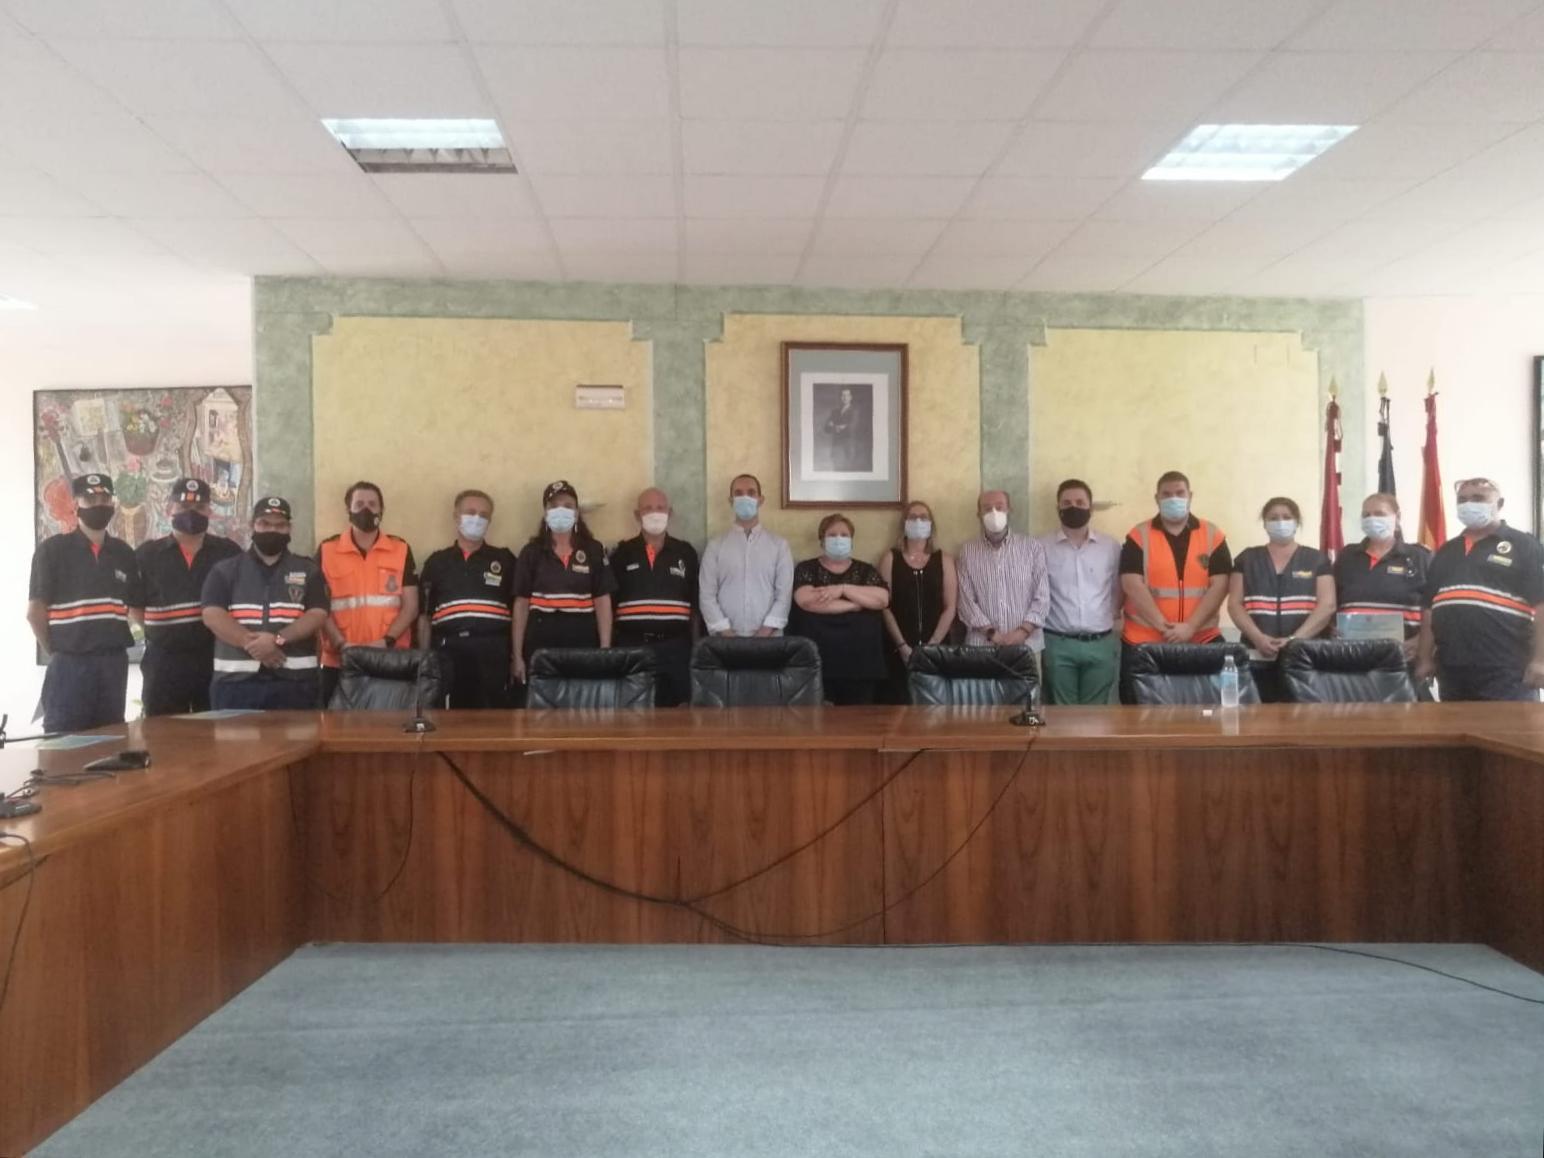 El Ayuntamiento de Santa Cruz de Mudela homenajea a Protección Civil por sus 30 años de servicio a la ciudadanía